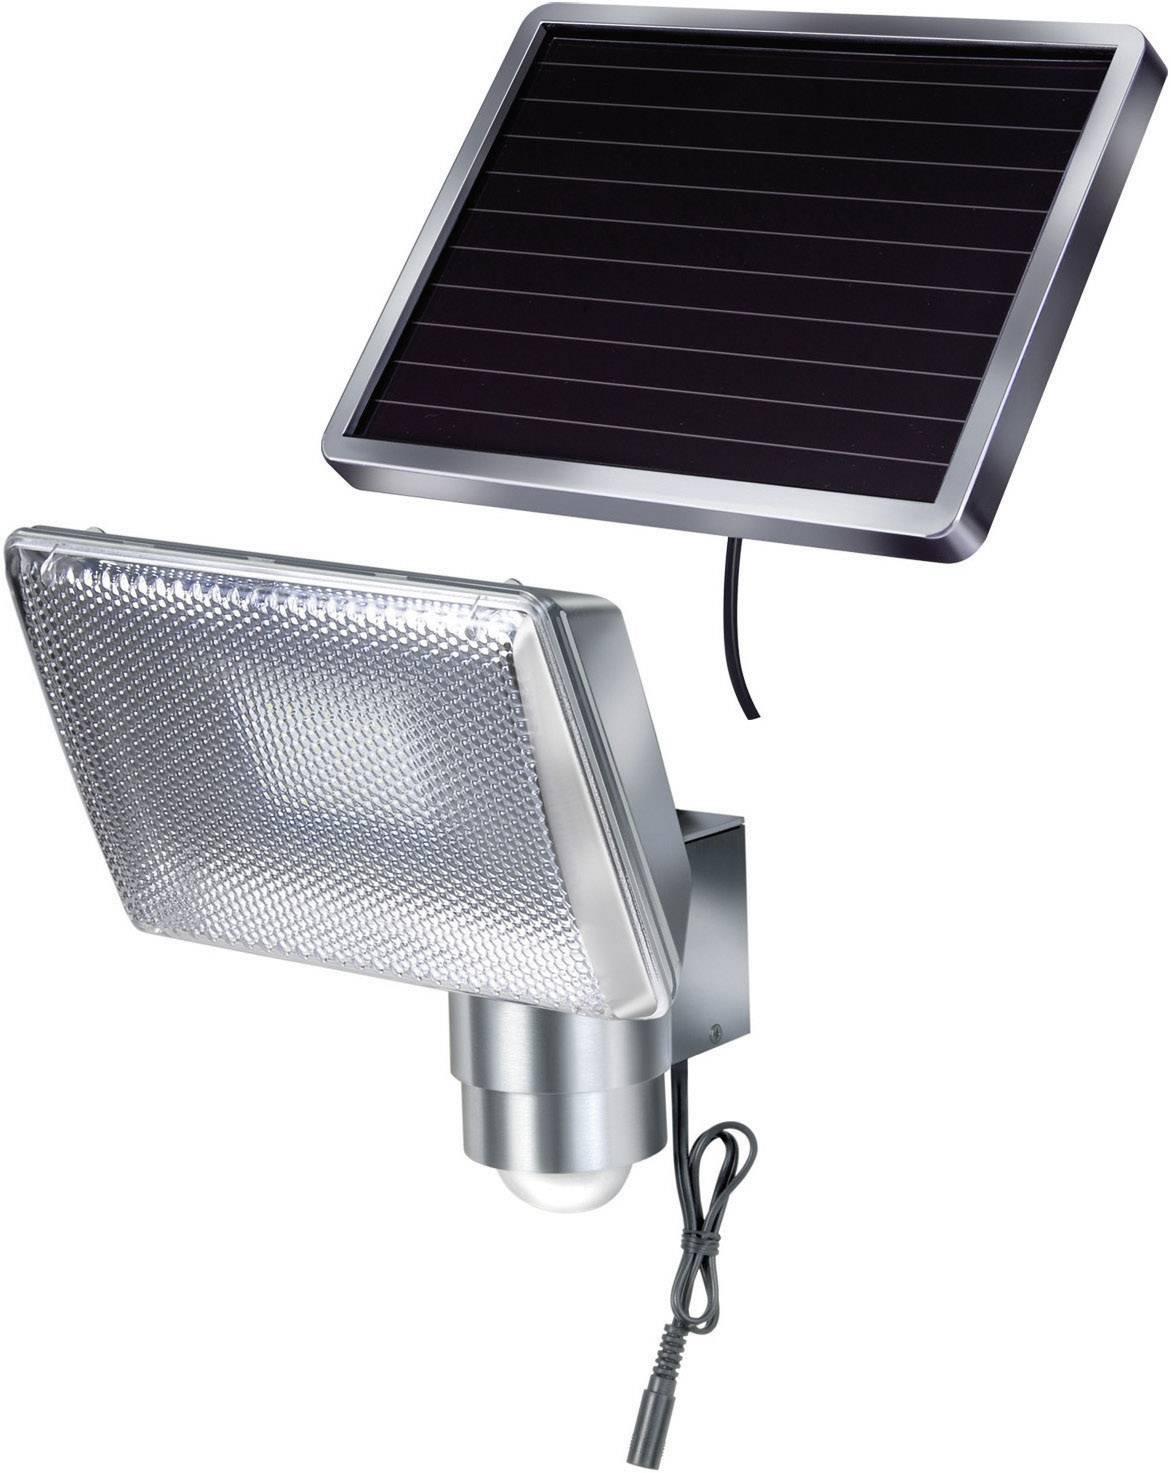 Solárne LED reflektor s detektorom pohybu PIR Brennenstuhl SOL 80, 1170840